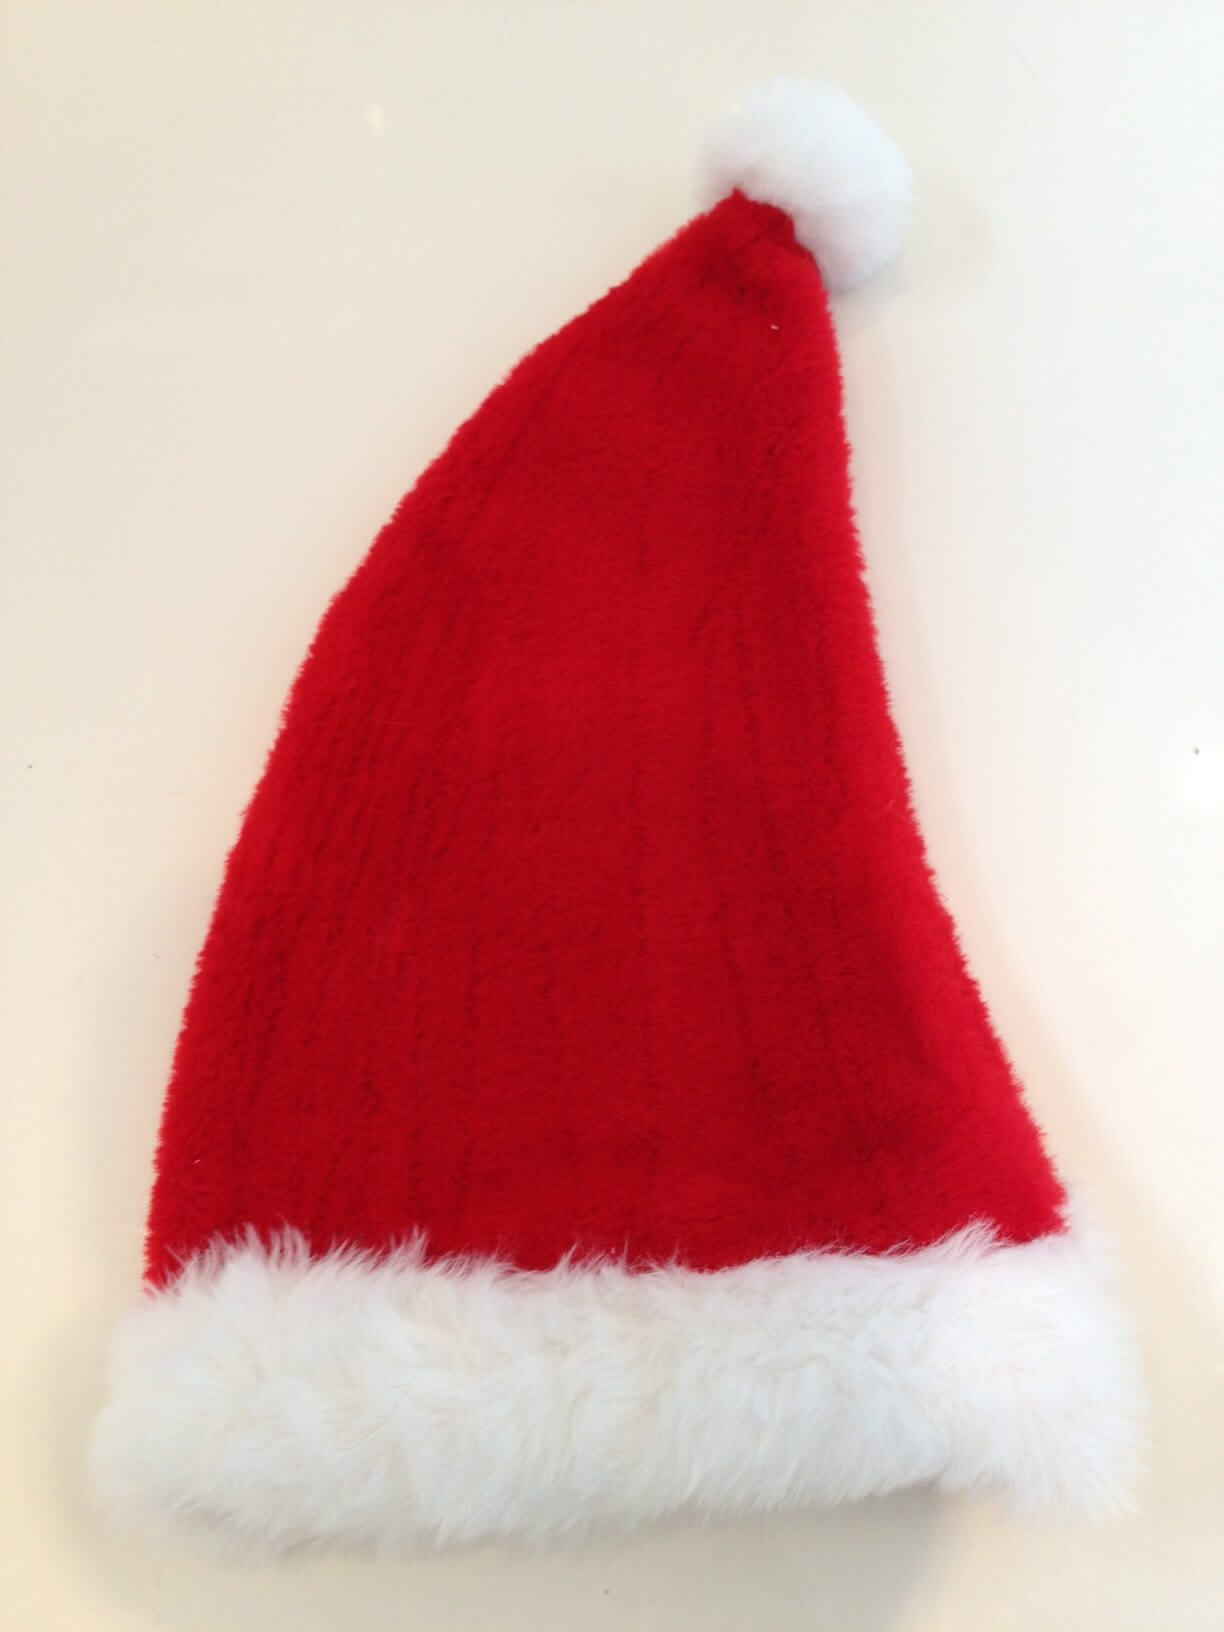 Weihnachtsmann-kostueme-198j-1